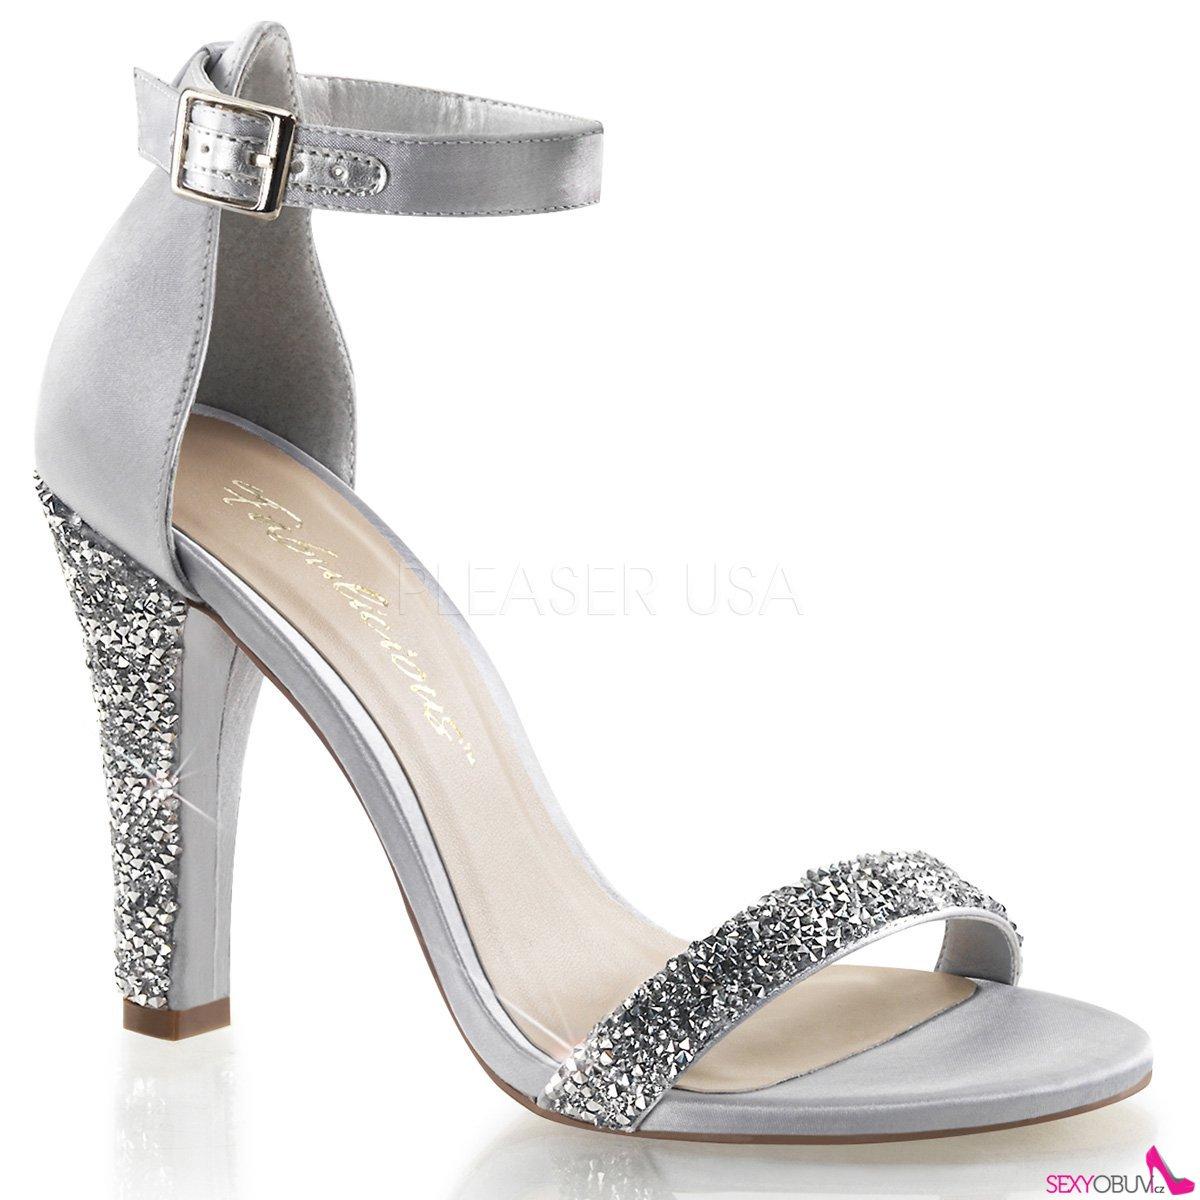 08e2b5b709a CLEARLY-436 Stříbrná společenská obuv na podpatku